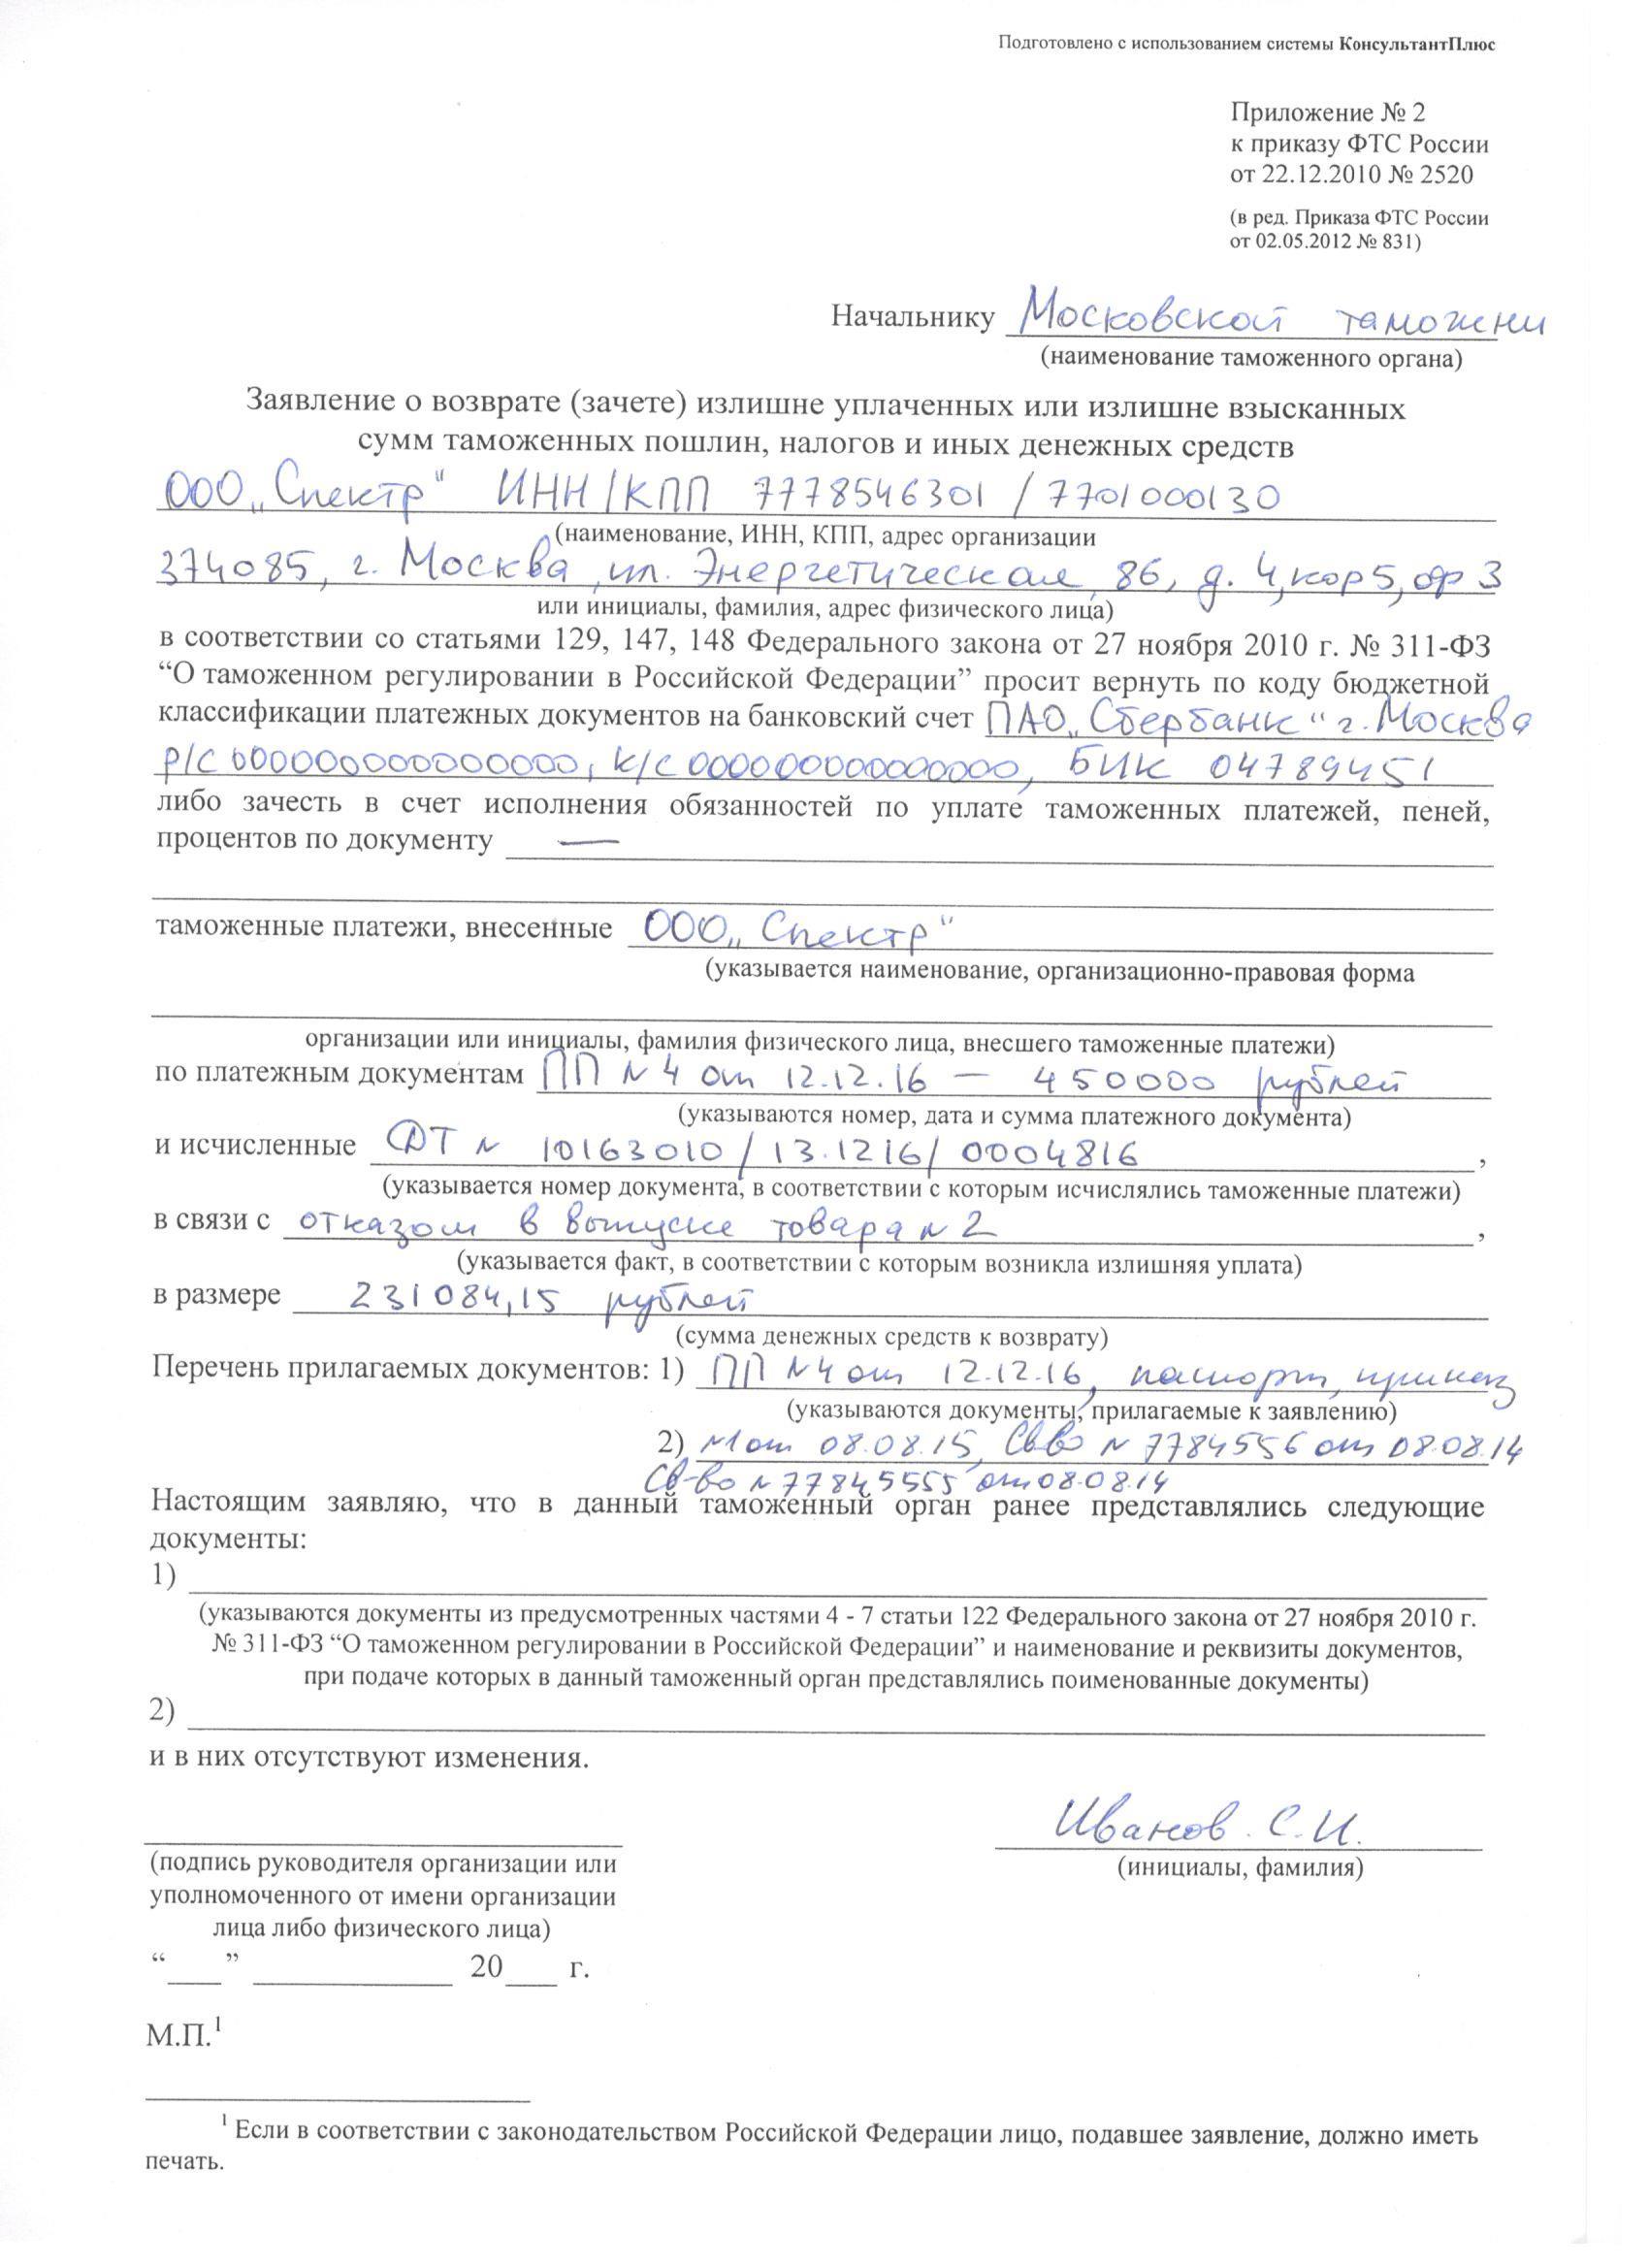 Образец Приложение №2 отказ в выпуске